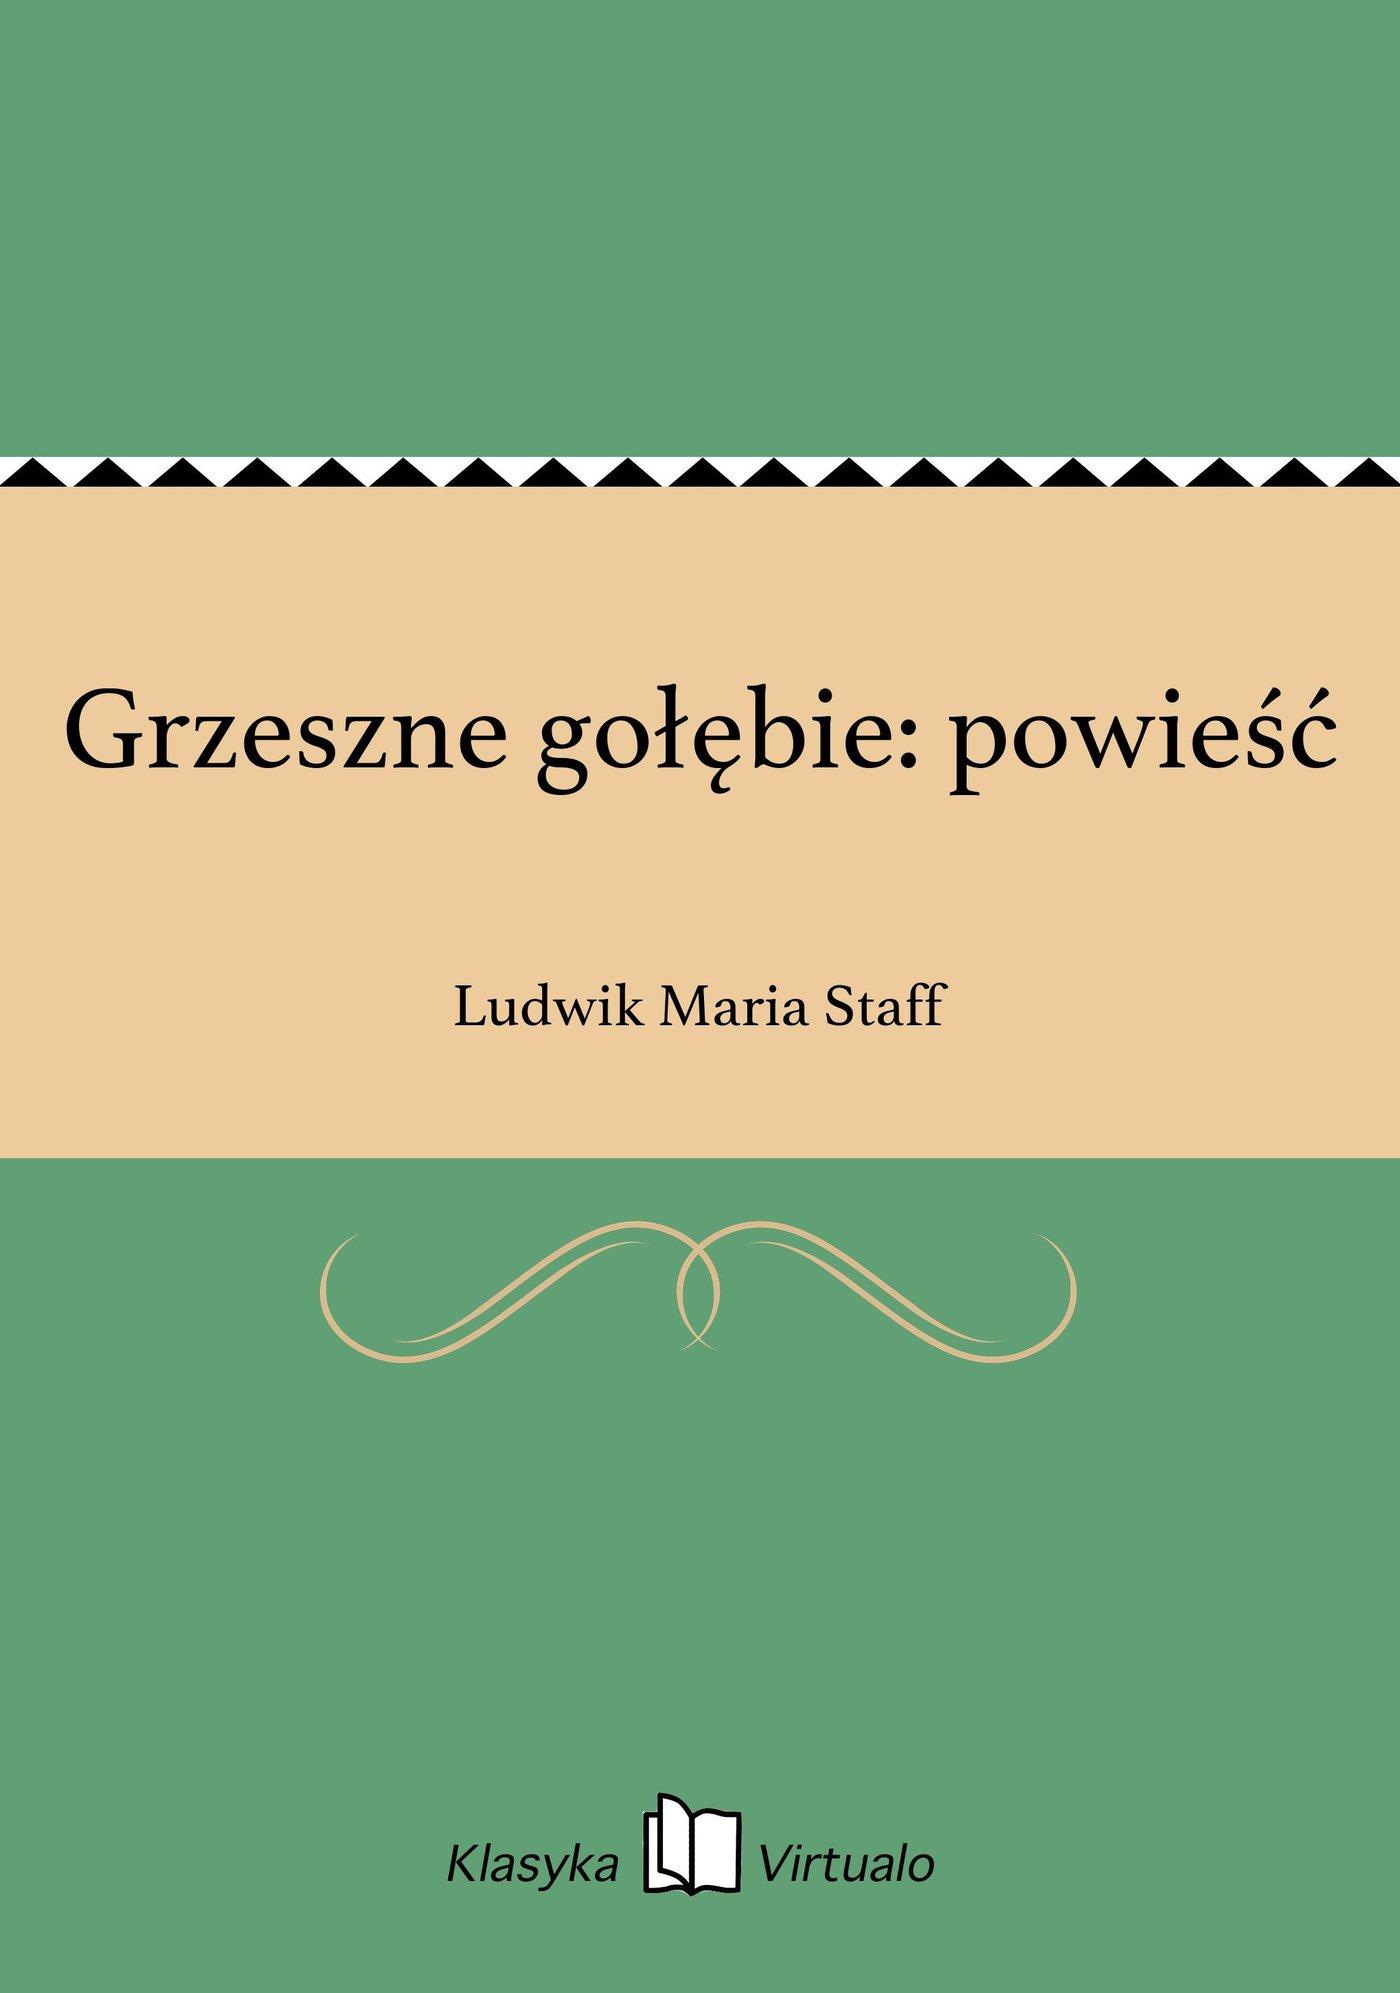 Grzeszne gołębie: powieść - Ebook (Książka na Kindle) do pobrania w formacie MOBI